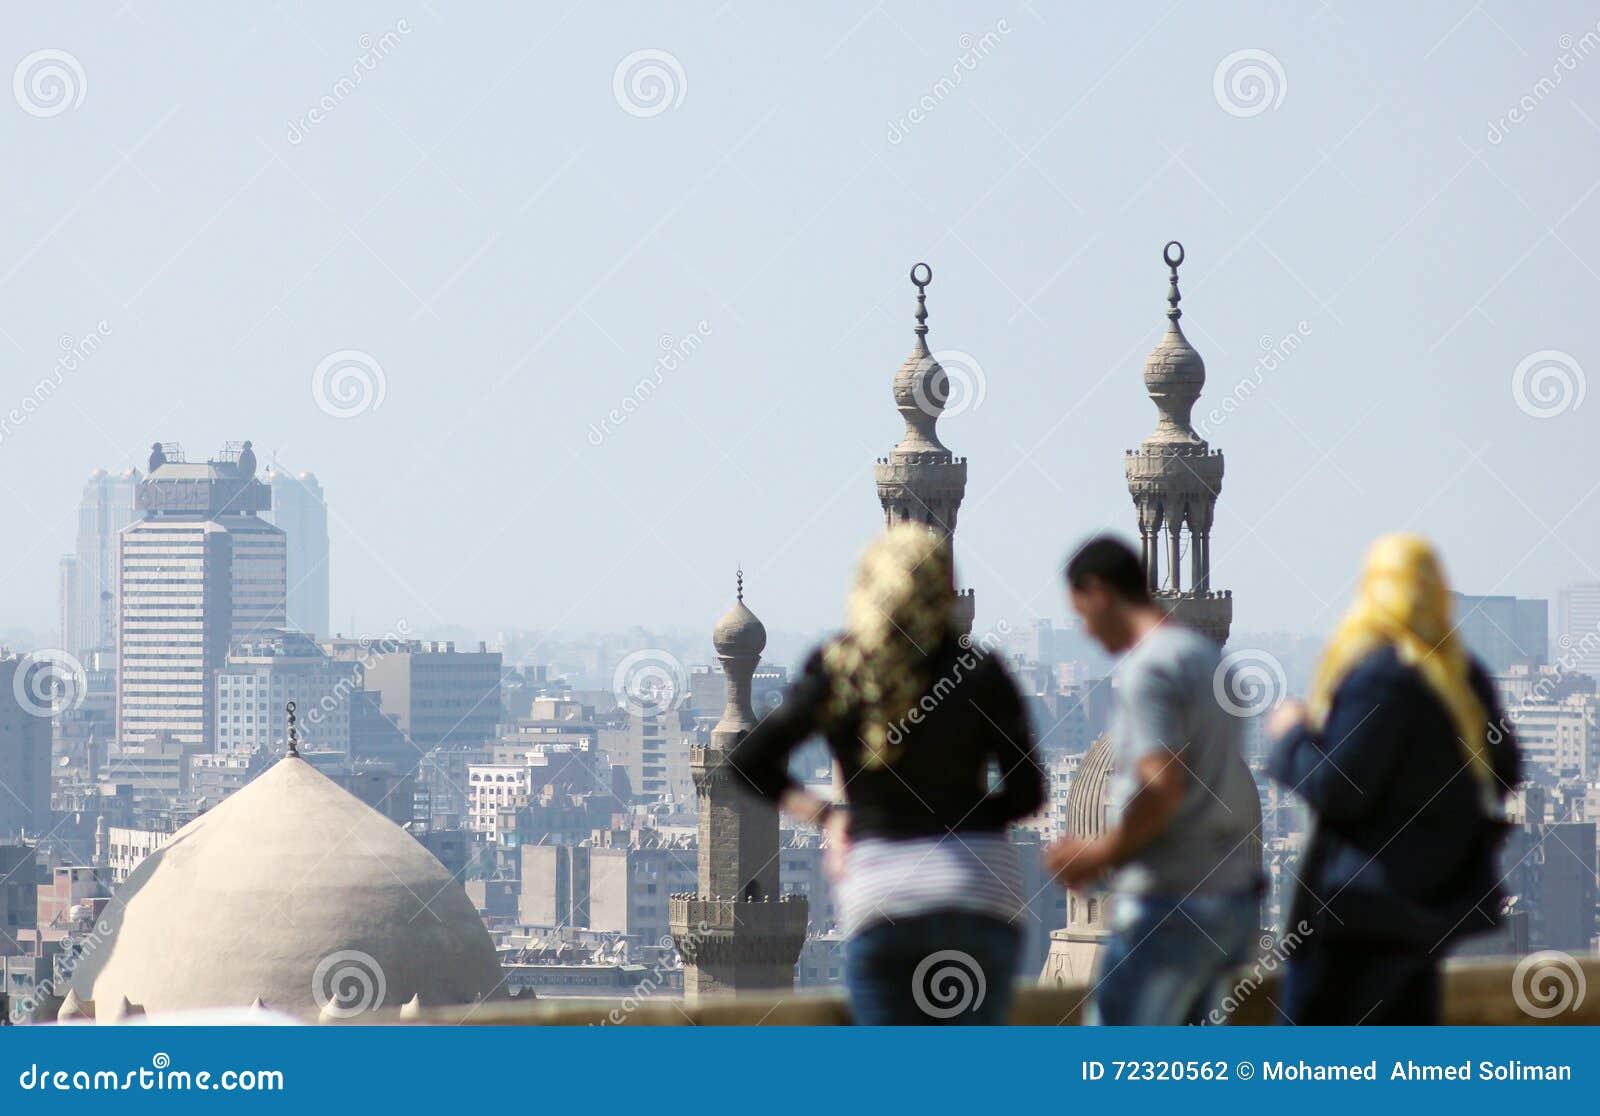 Personnes musulmanes arabes regardant le Caire islamique en Egypte